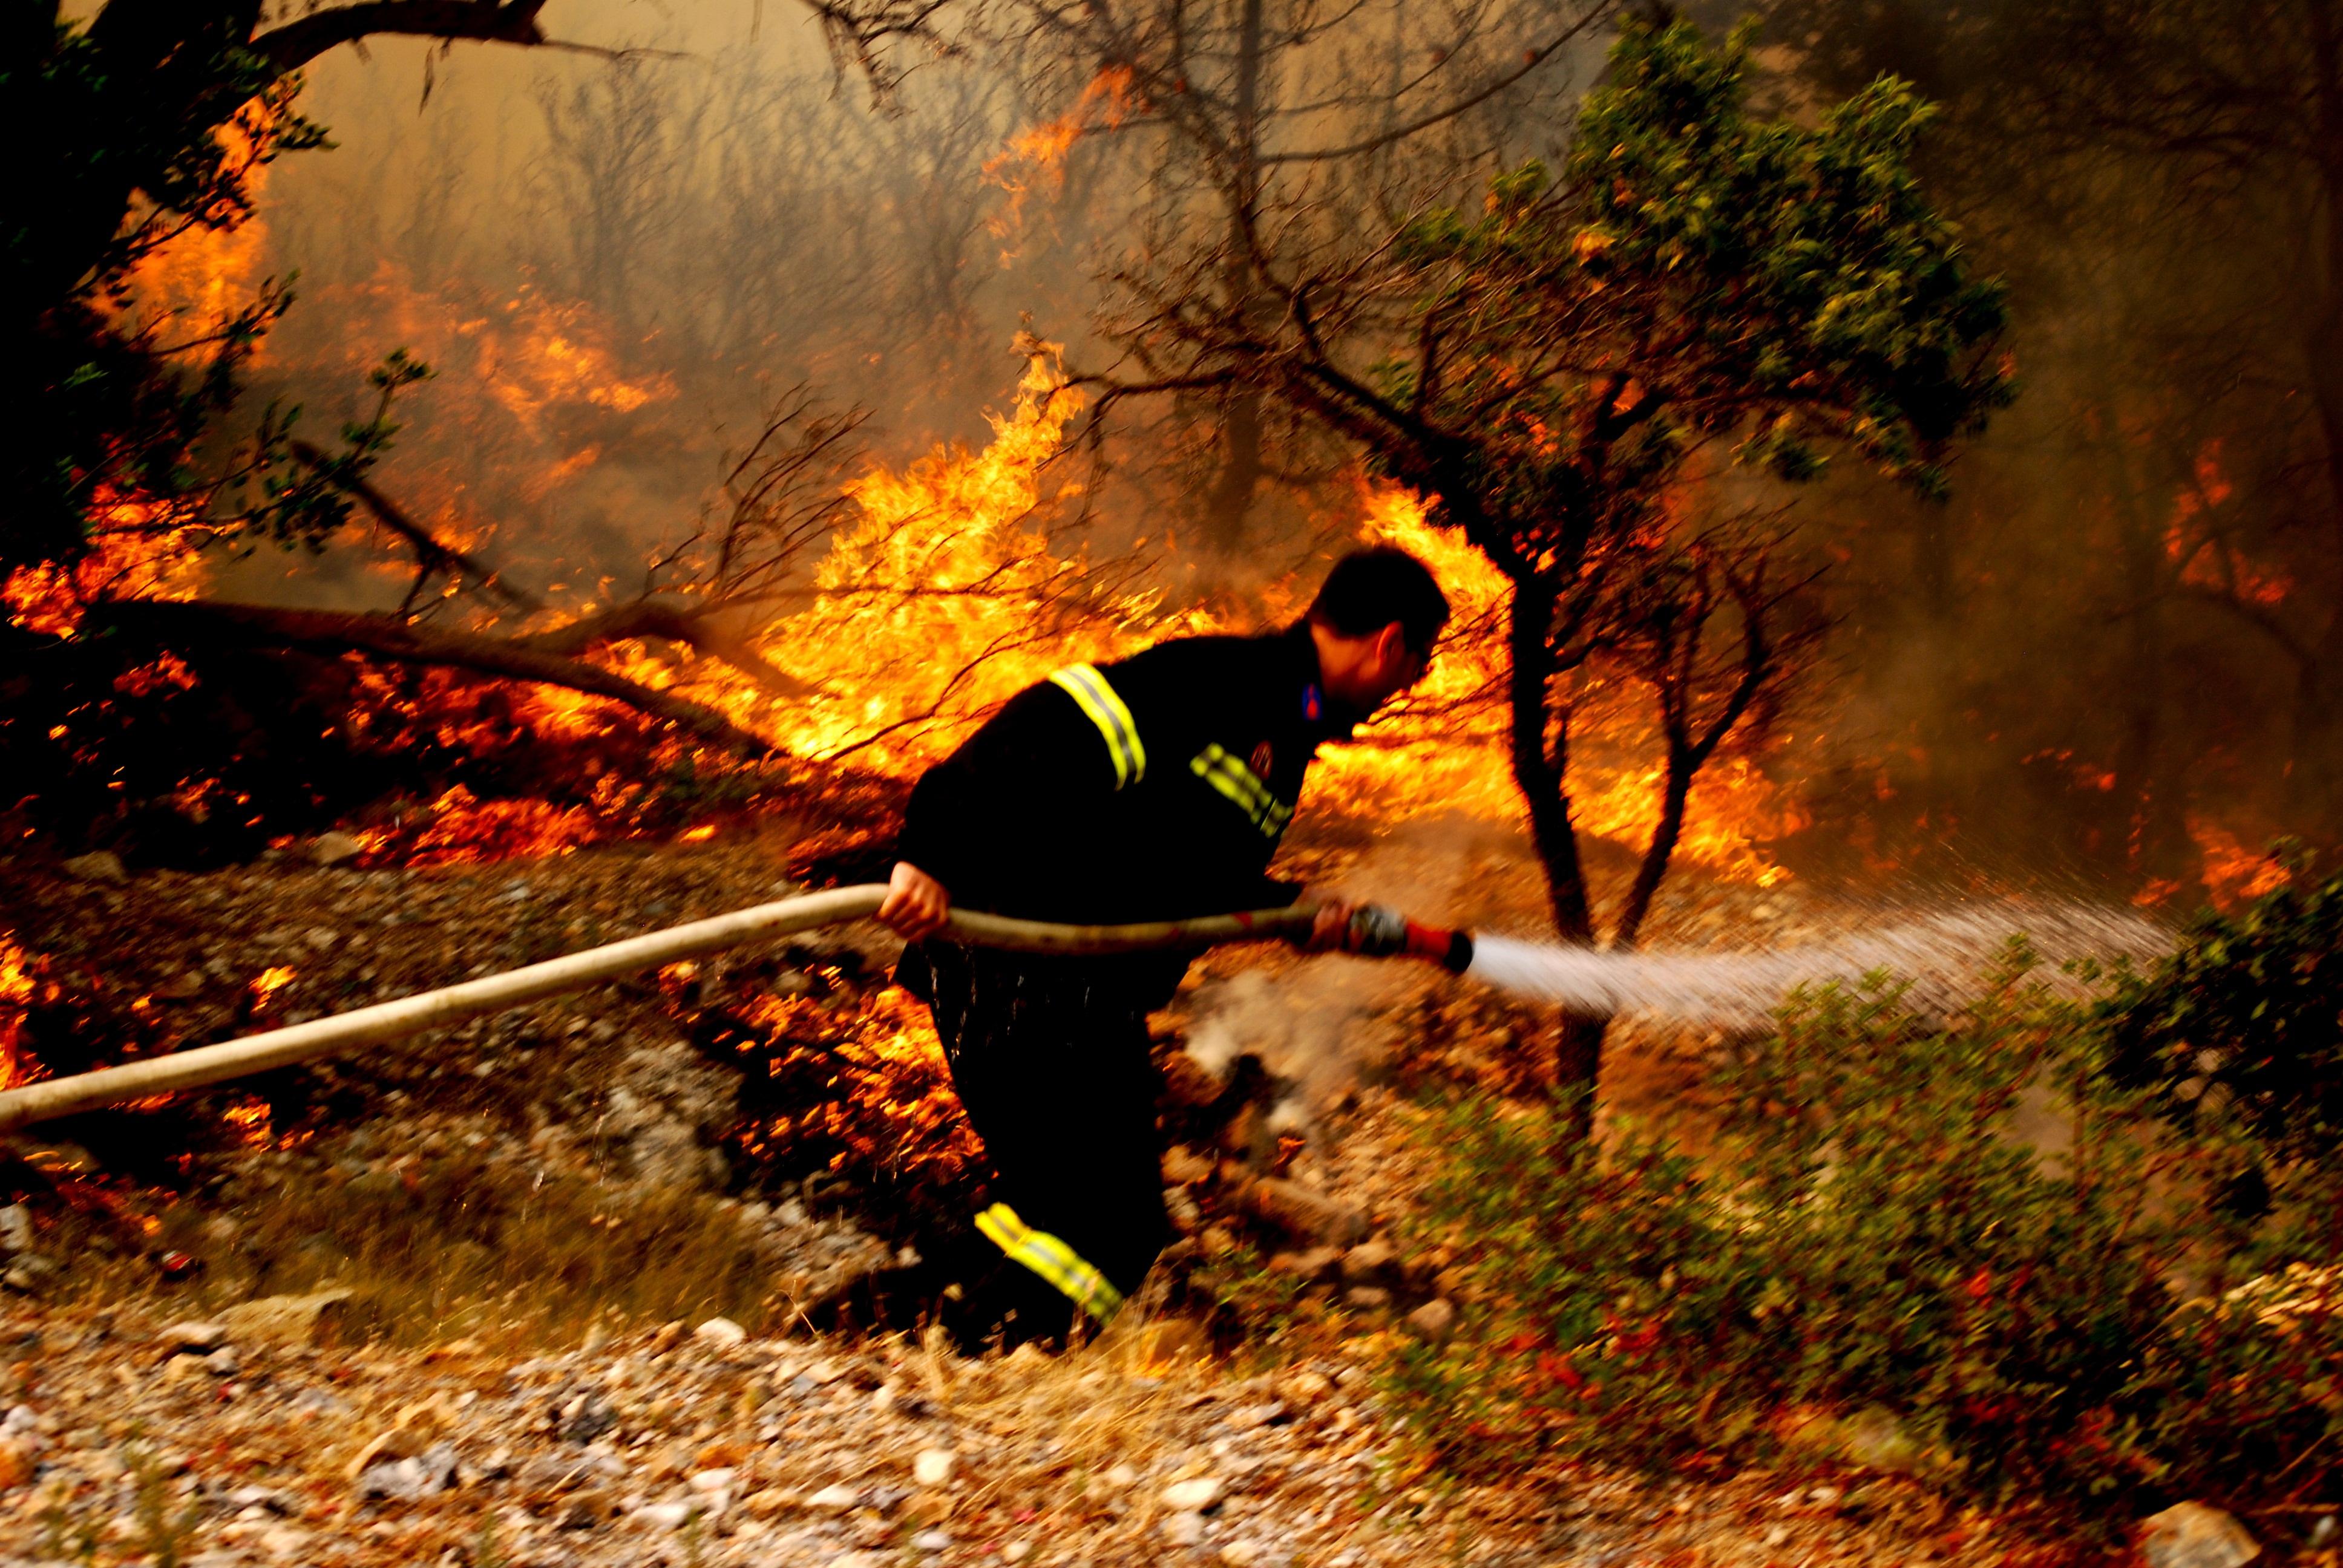 Πυροσβέστης στο μέτωπο της φωτιάς - ΦΩΤΟ EUROKINISSI